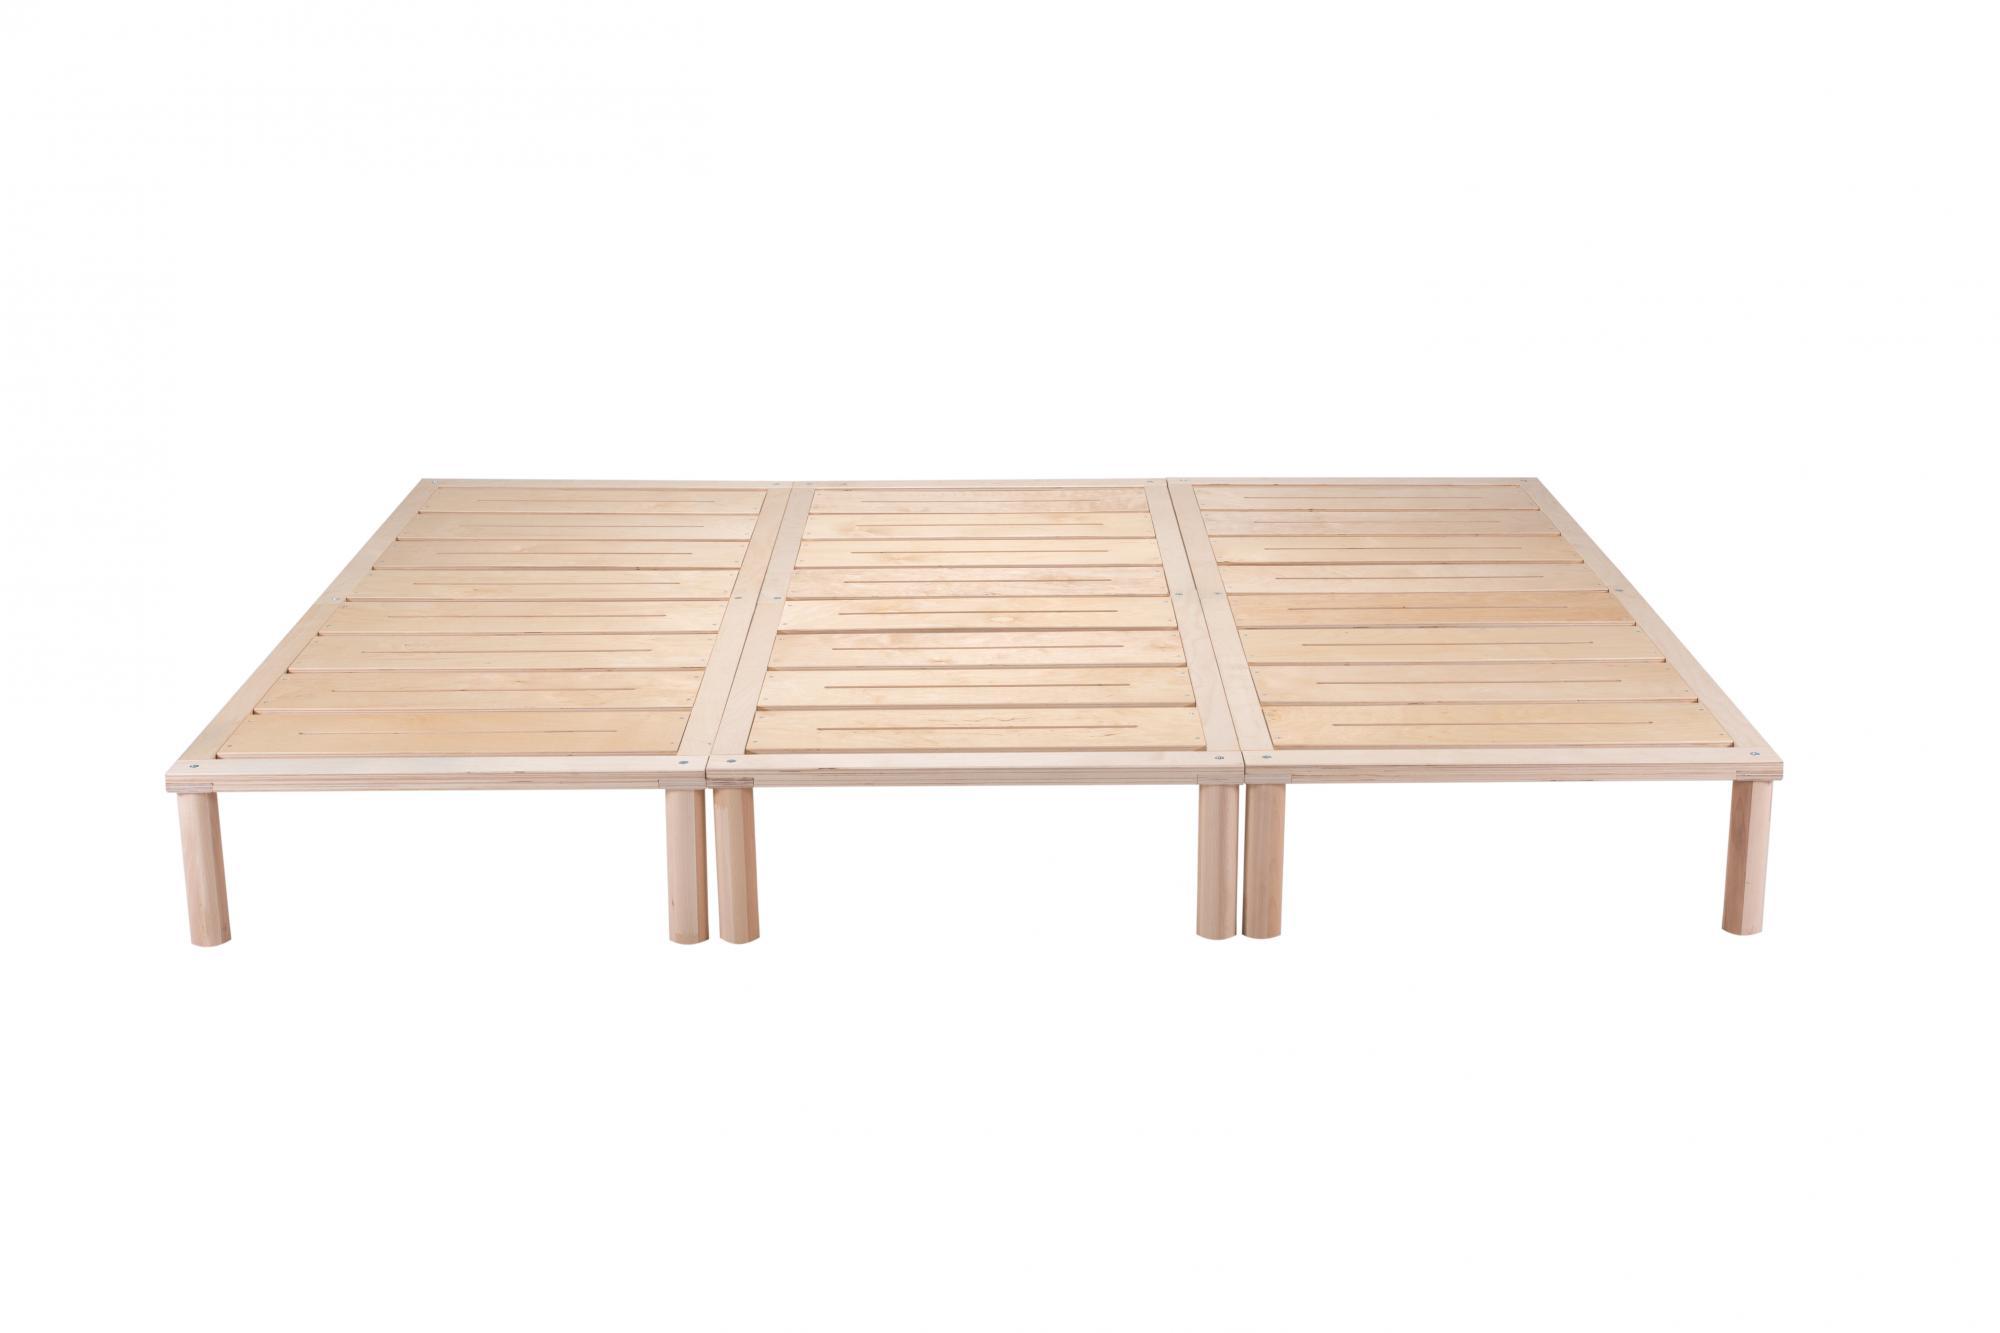 Gigapur G1 28992 Bett | Co-Sleeping | Birke Natur Schicht-Holz | Bettrahmen belastbar bis 195 Kg | 240 x 200 cm (3 x 80 x 200 cm)